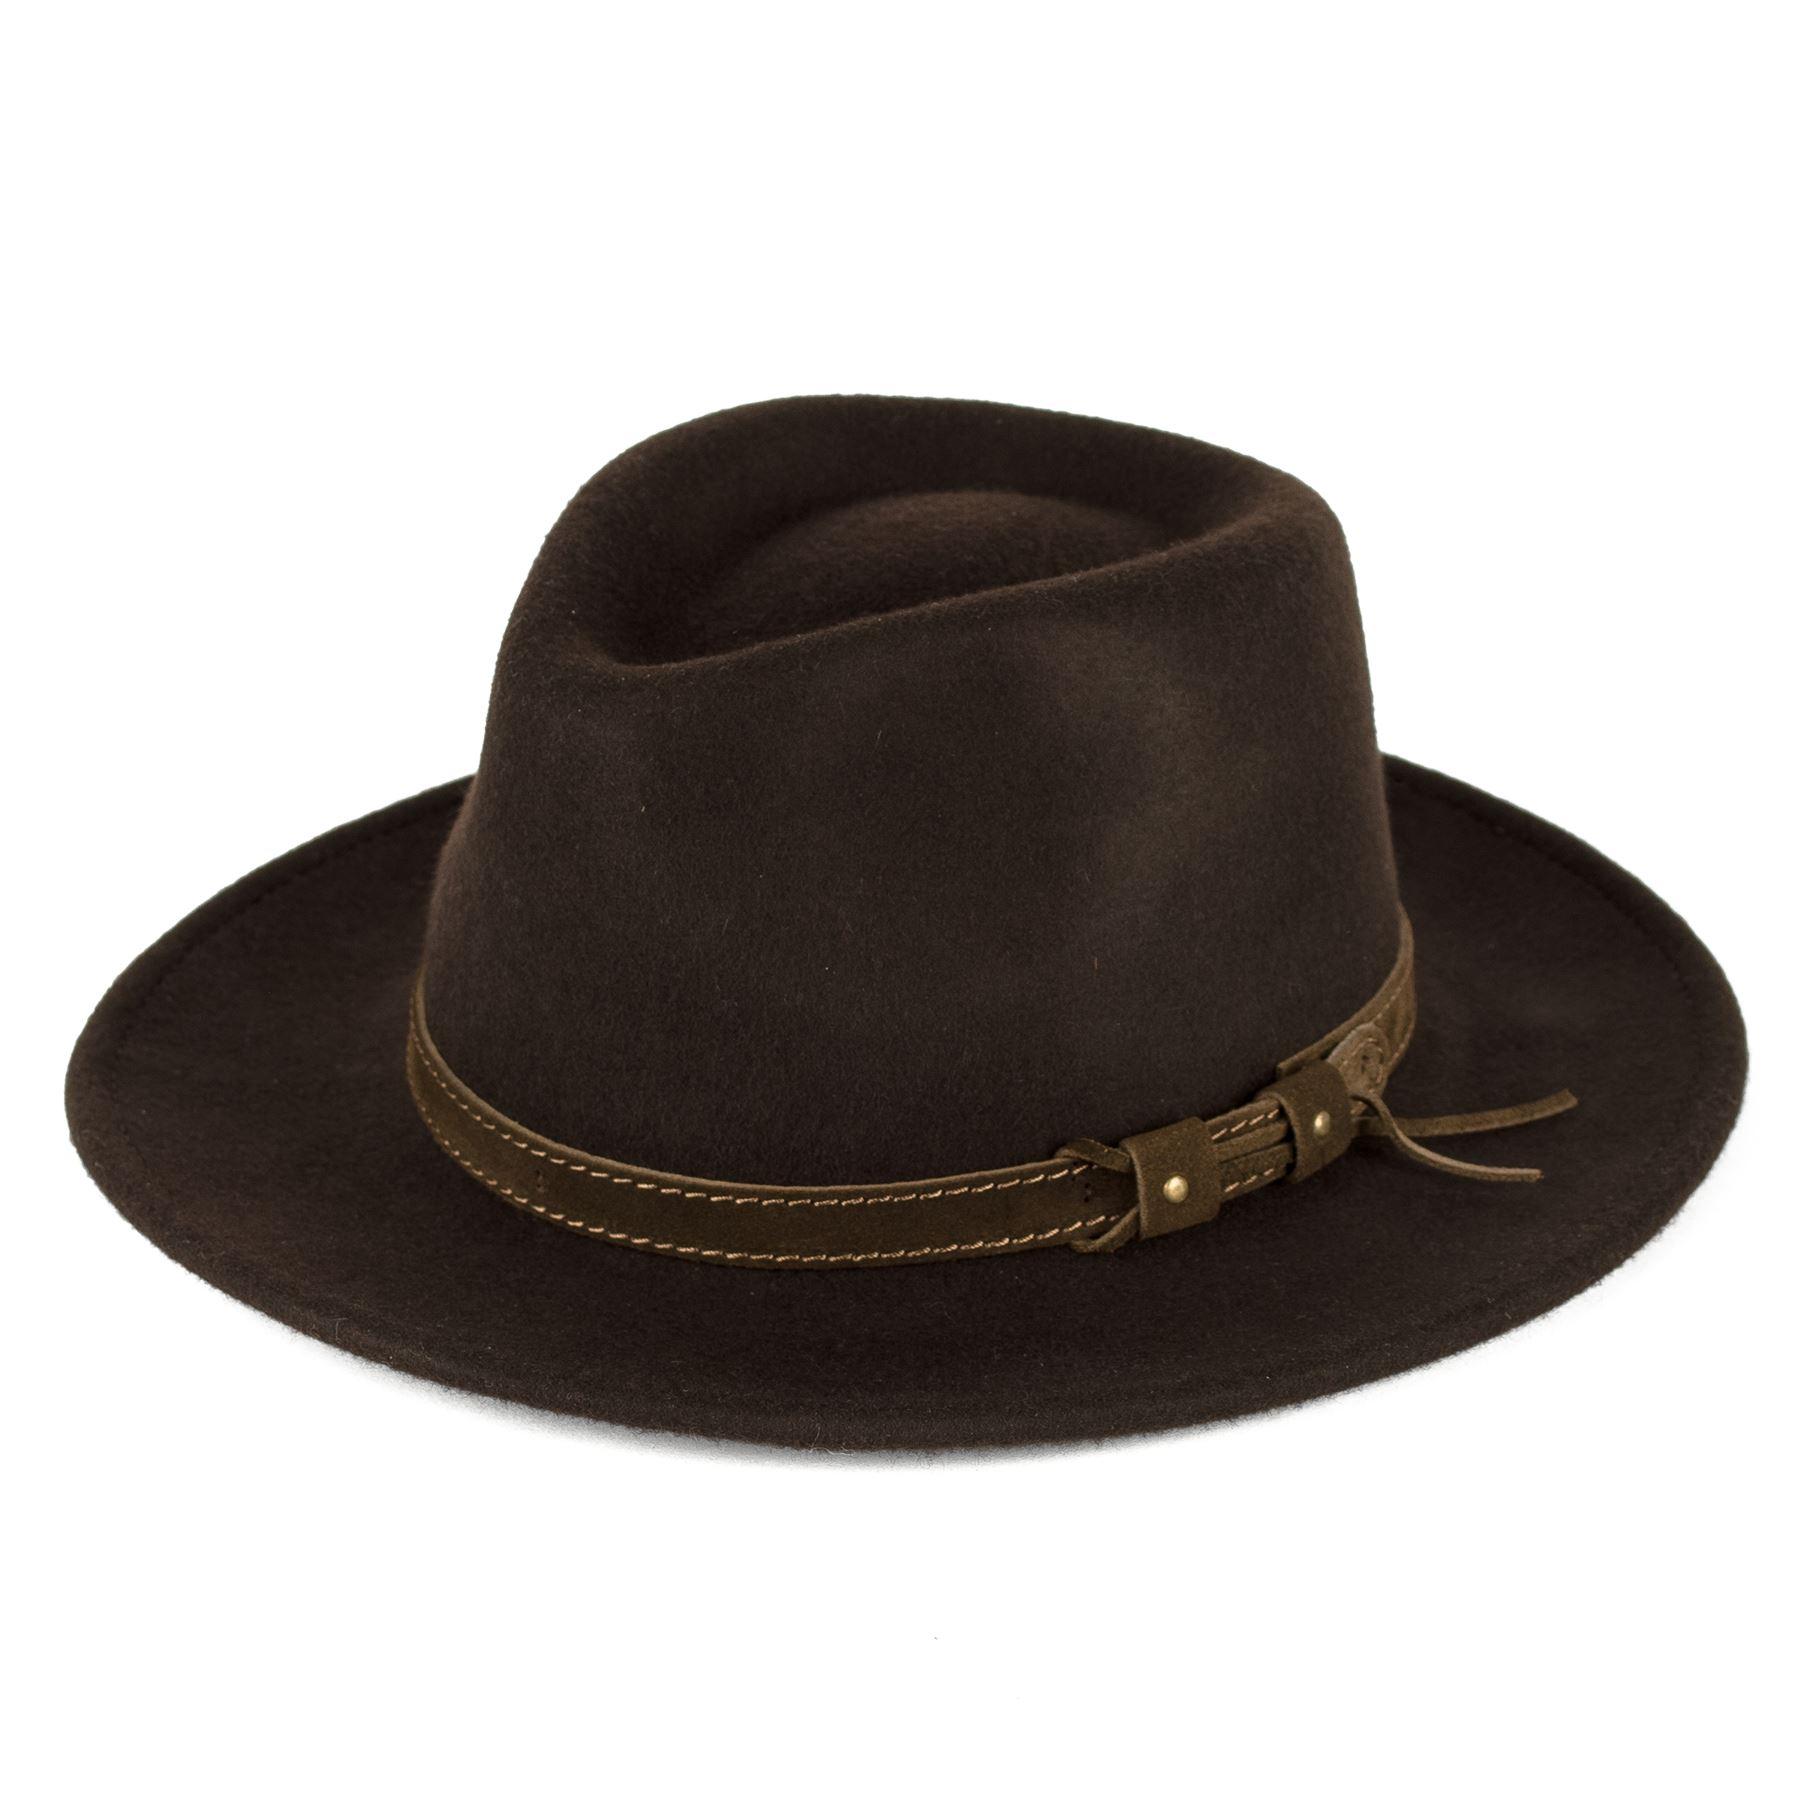 Vêtements, accessoires > Femmes: accessoires > Chapeaux